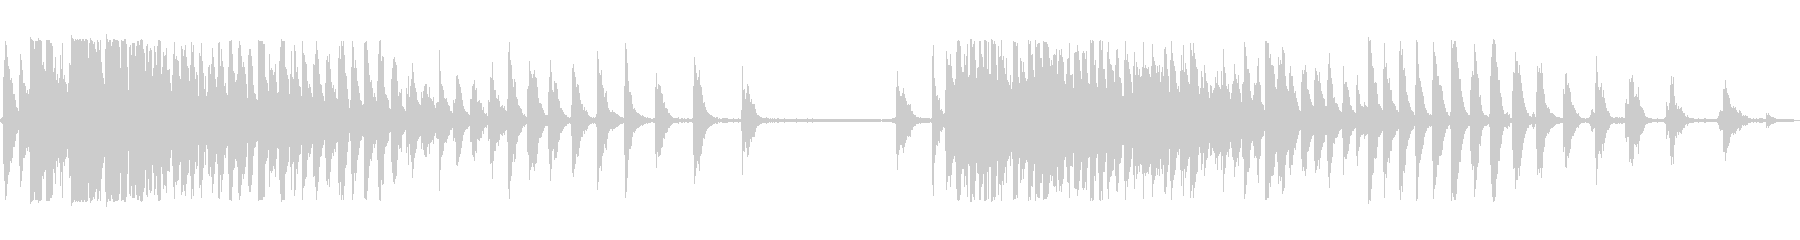 ホイール大クリックの未再生の波形